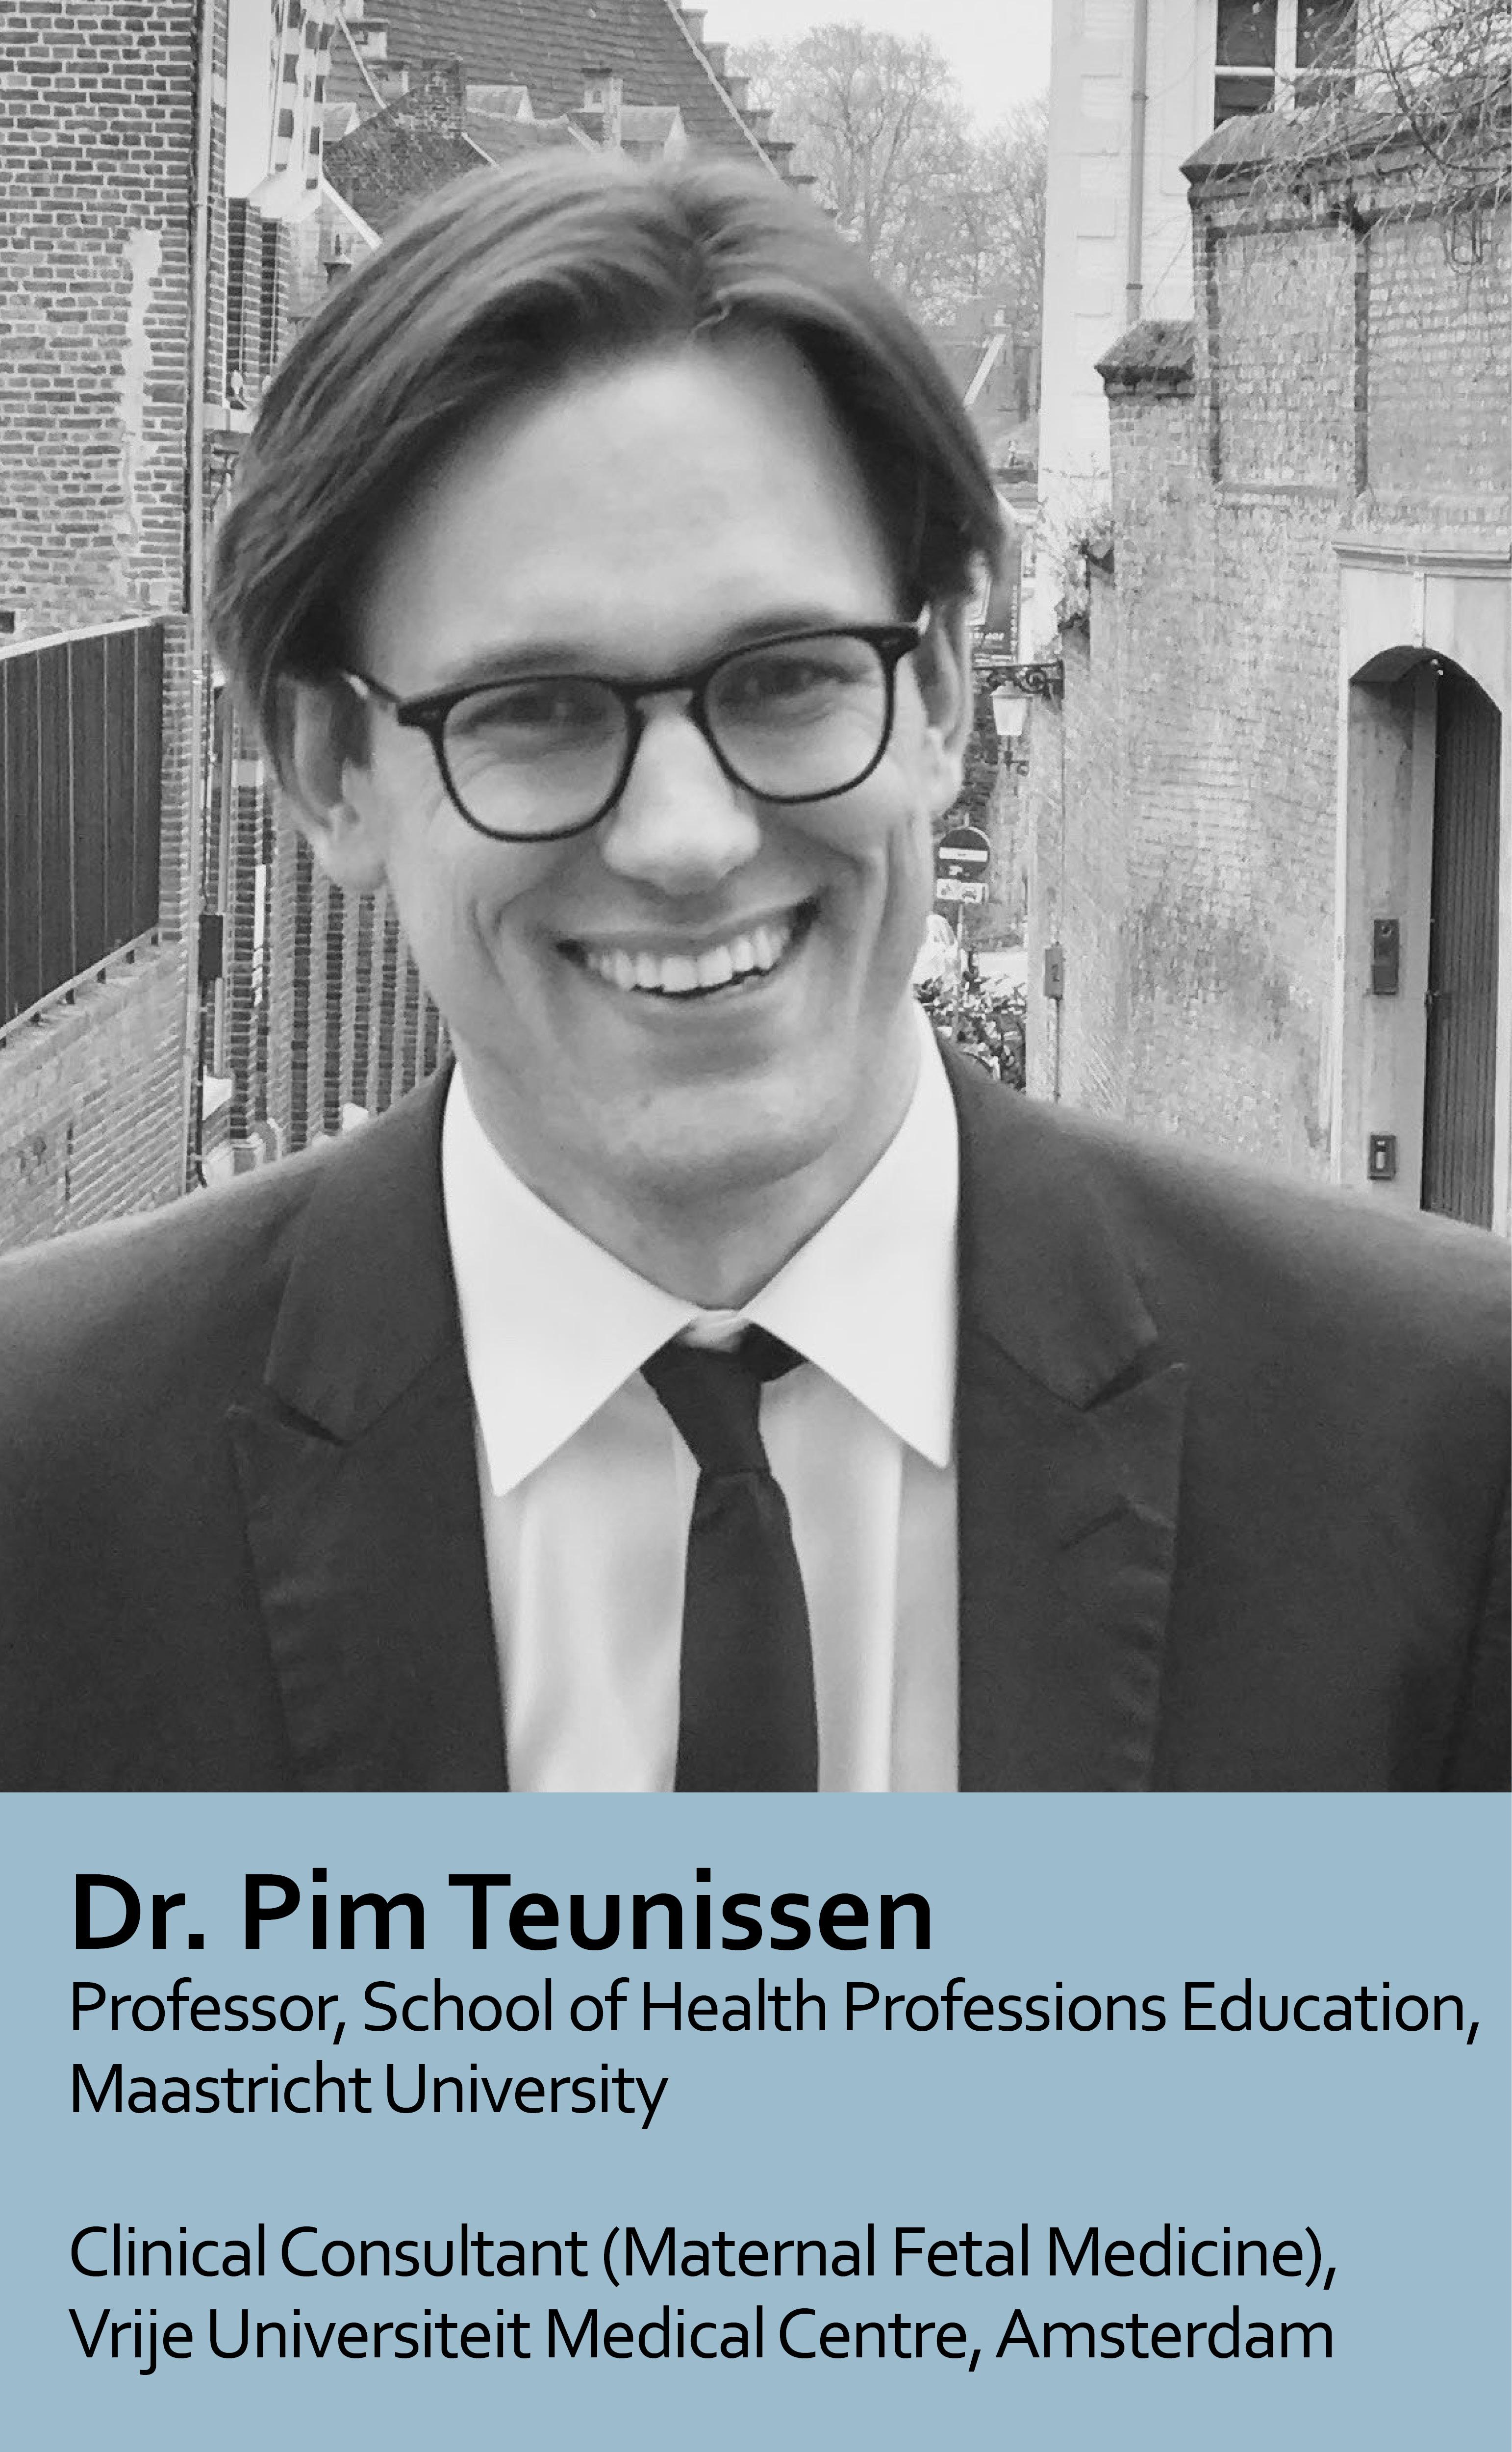 Pim Teunissen